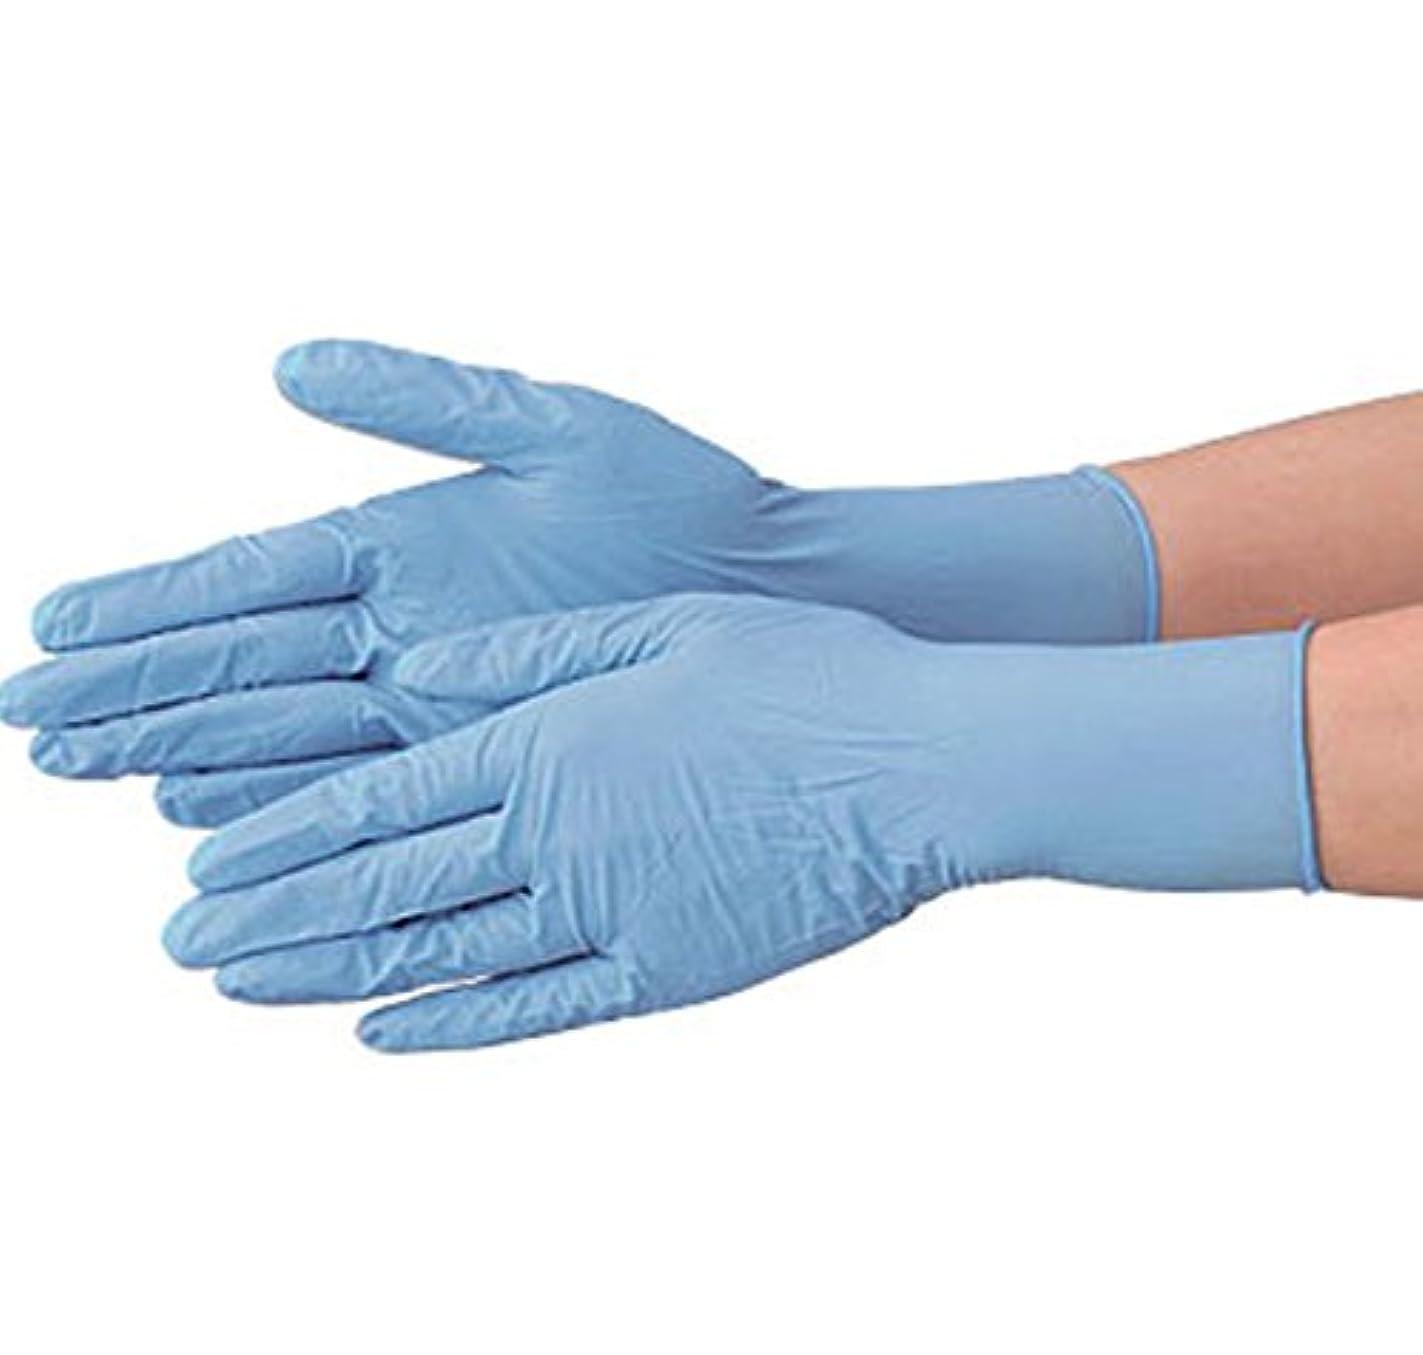 普通の渇きによると使い捨て 手袋 エブノ 532 ニトリルNEO ブルー Sサイズ パウダー付き 2ケース(100枚×60箱)